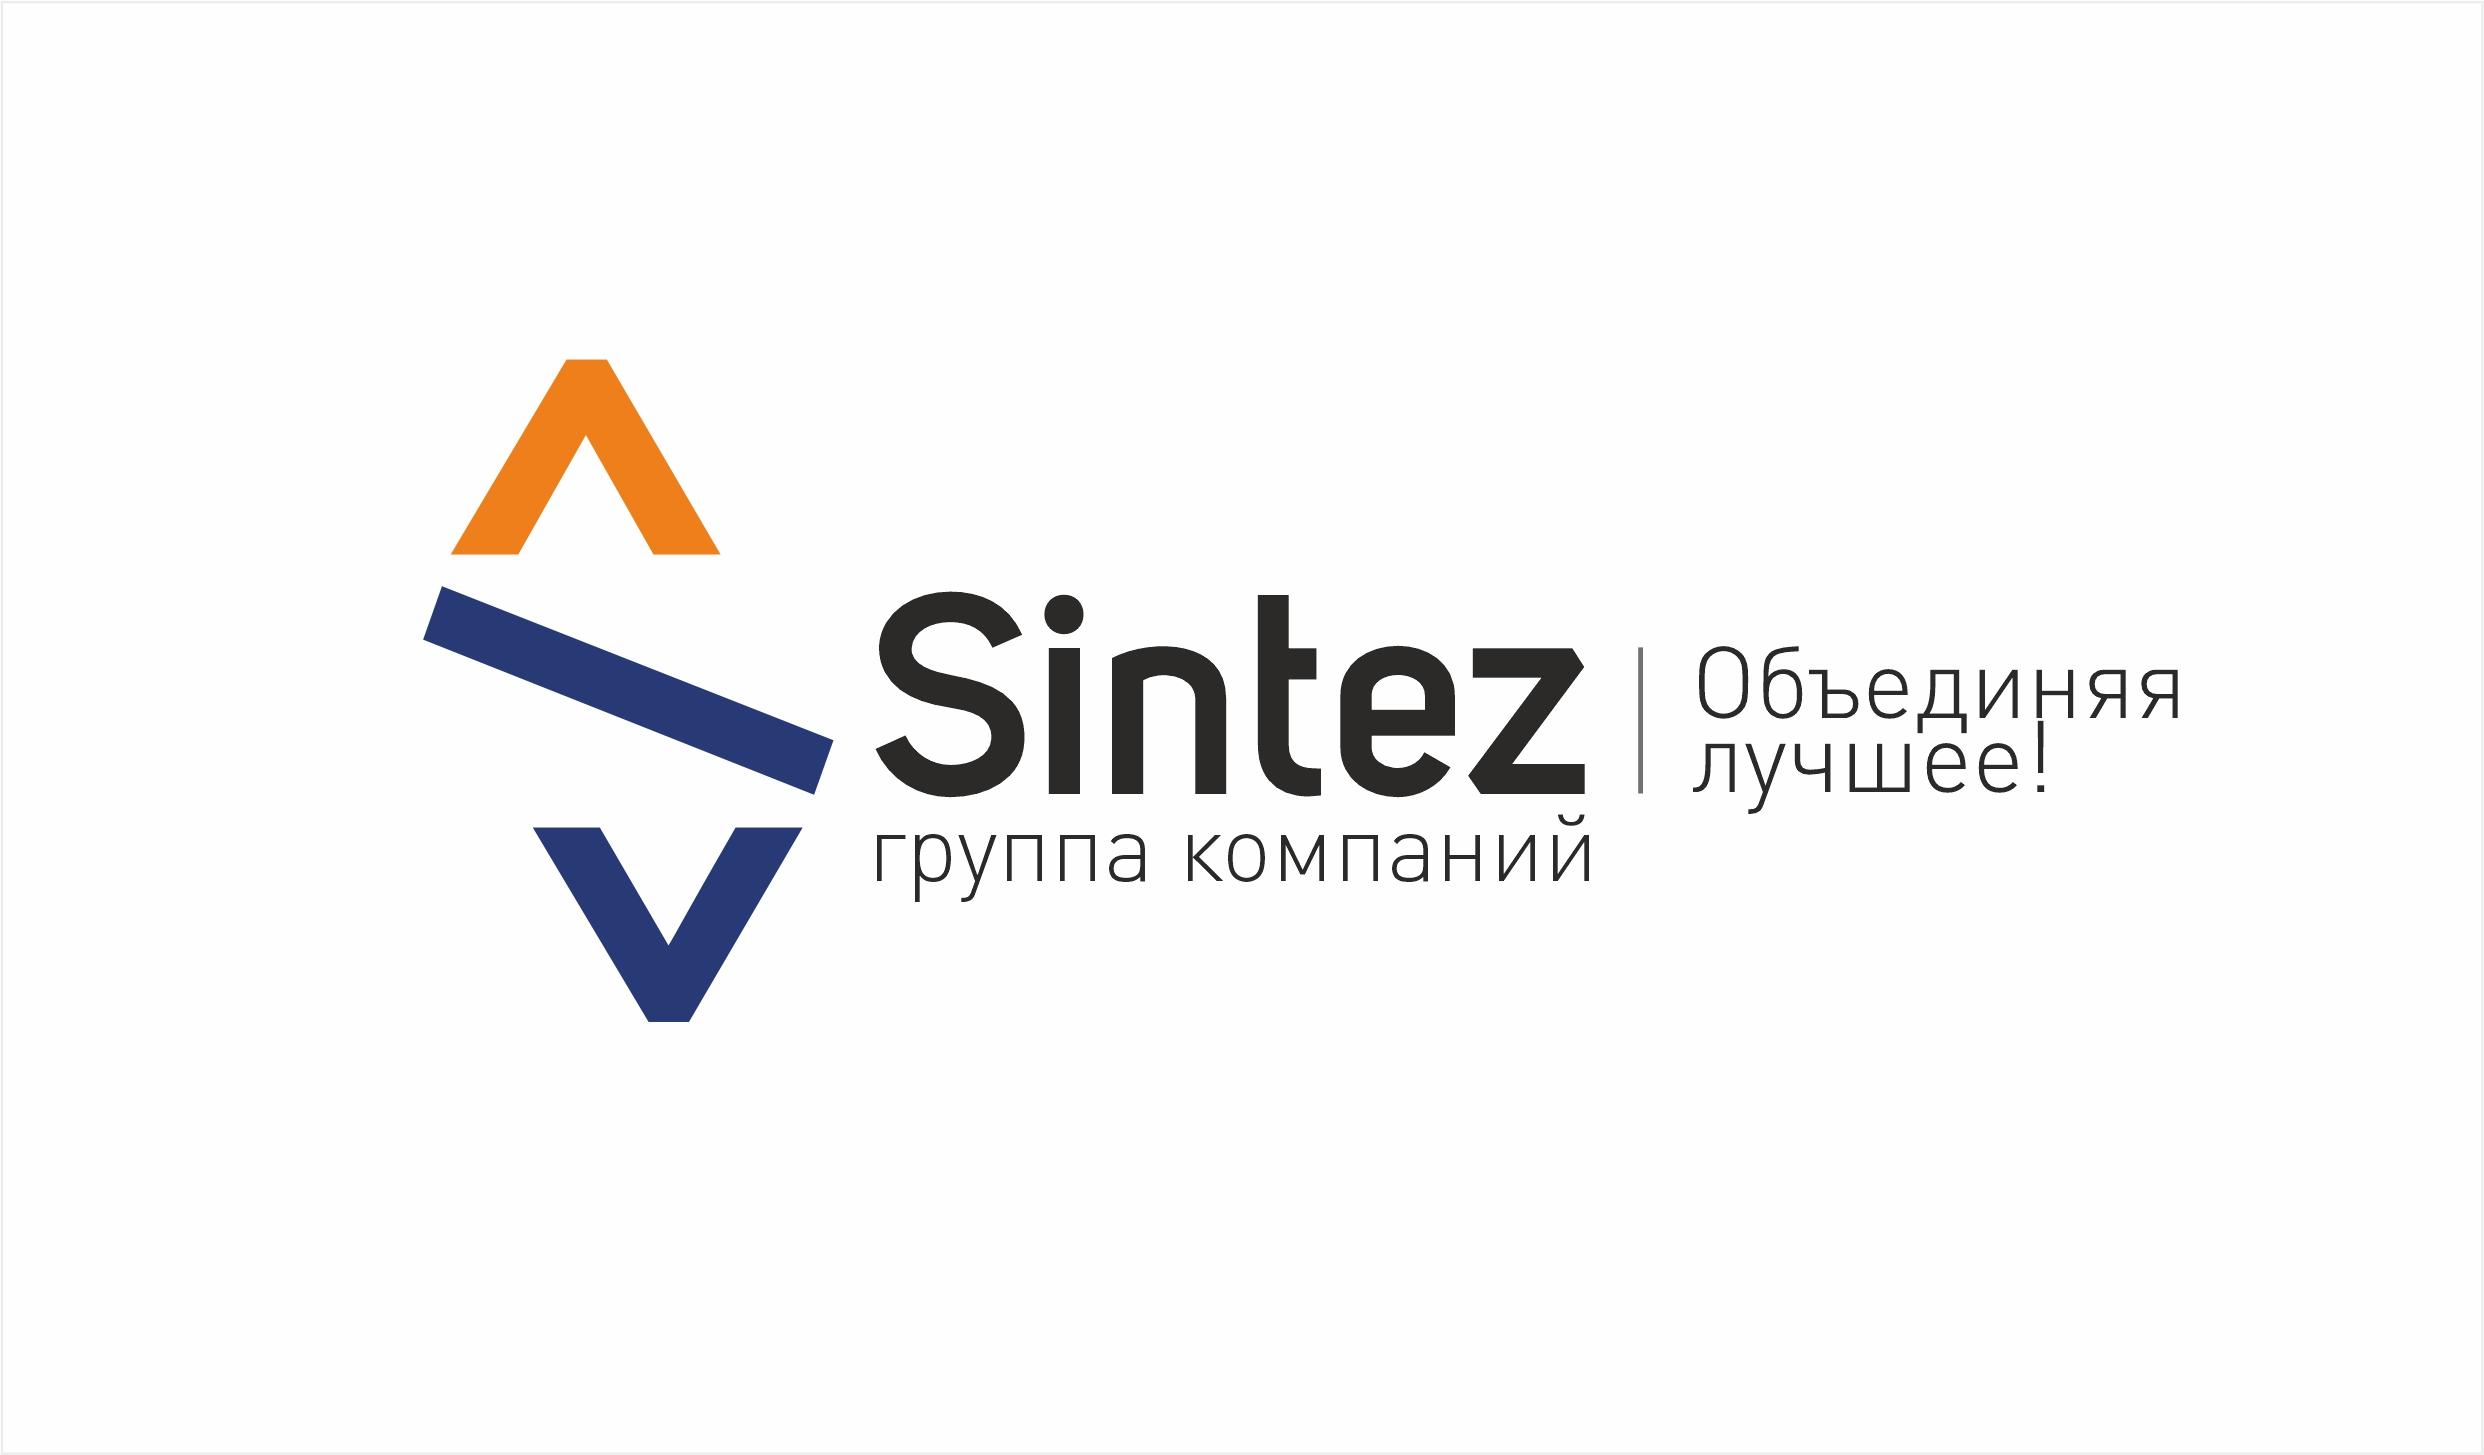 Разрабтка логотипа компании и фирменного шрифта фото f_6975f615138d2f27.jpg